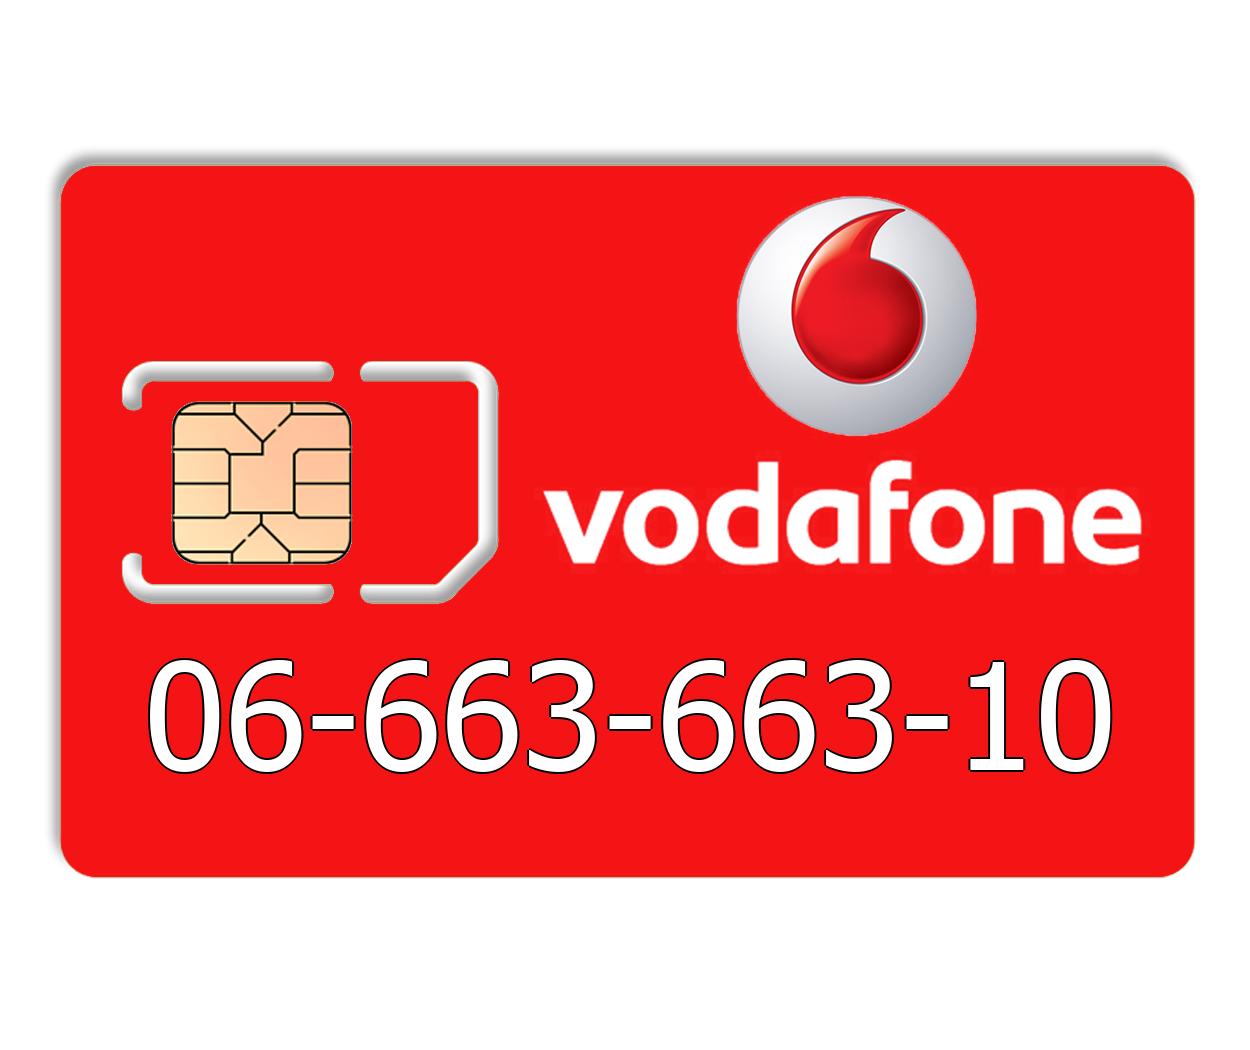 Красивый номер Vodafone 06-663-663-10